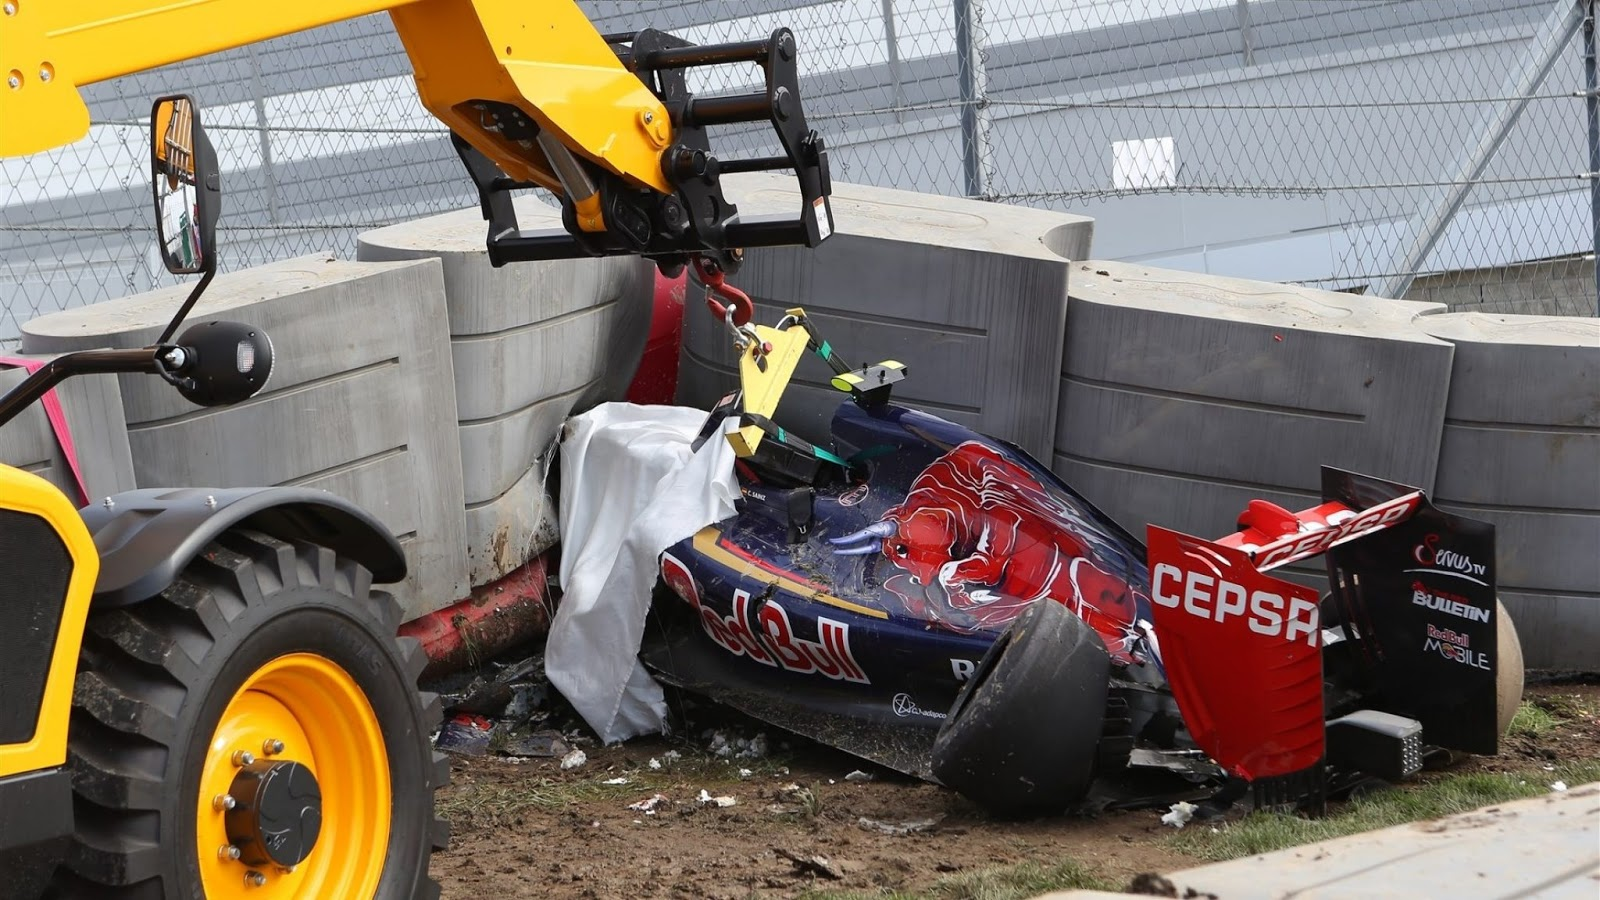 sainz Ο Σάινθ εξήλθε από το νοσοκομείο και θέλει να τρέξει στον αγώνα μετά το σφοδρό ατύχημα που είχε σήμερα στο Ρωσικό Γκραν Πρι. Carlos Sainz, F1, Formula, Formula1, Toro Rosso, videos